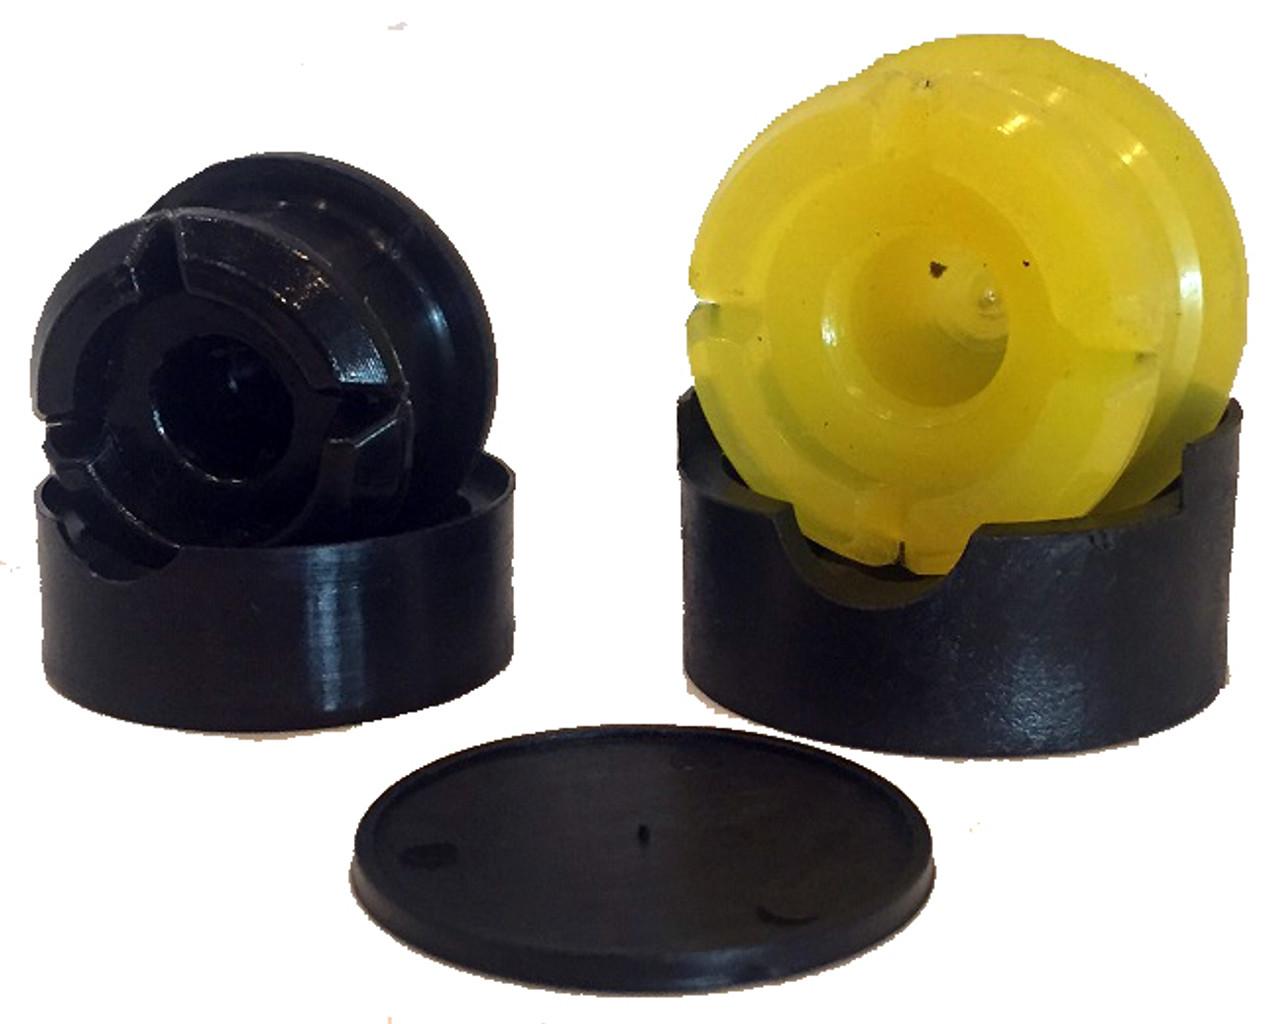 Mini Cooper manual transmission shift cable bushing